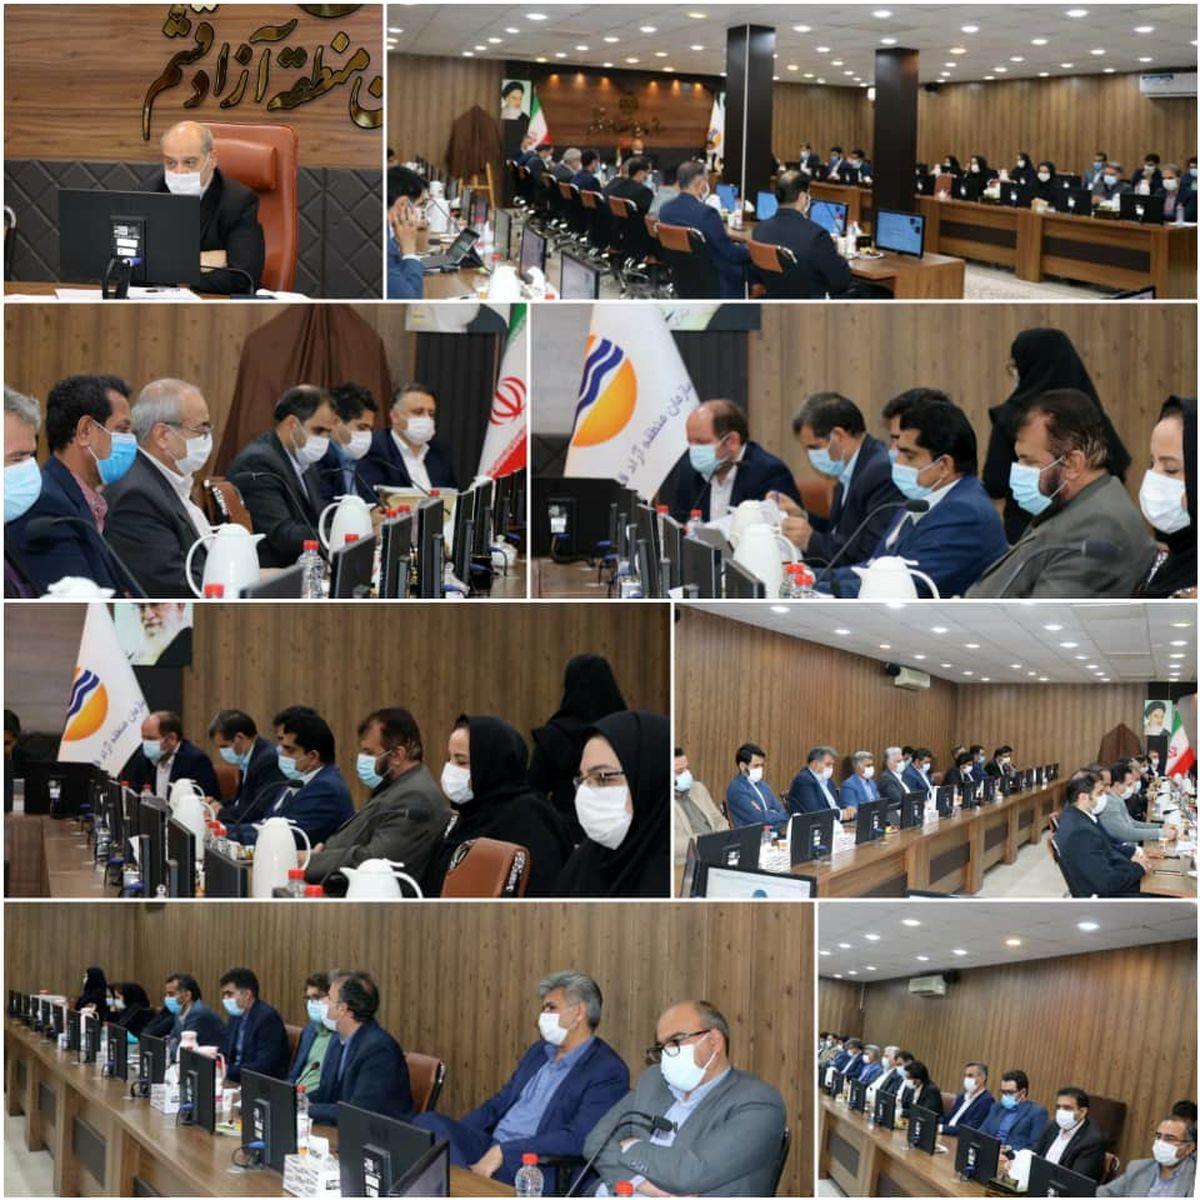 بیست و پنجمین جلسه شورای برنامه ریزی و توسعه منطقه آزاد قشم برگزار شد